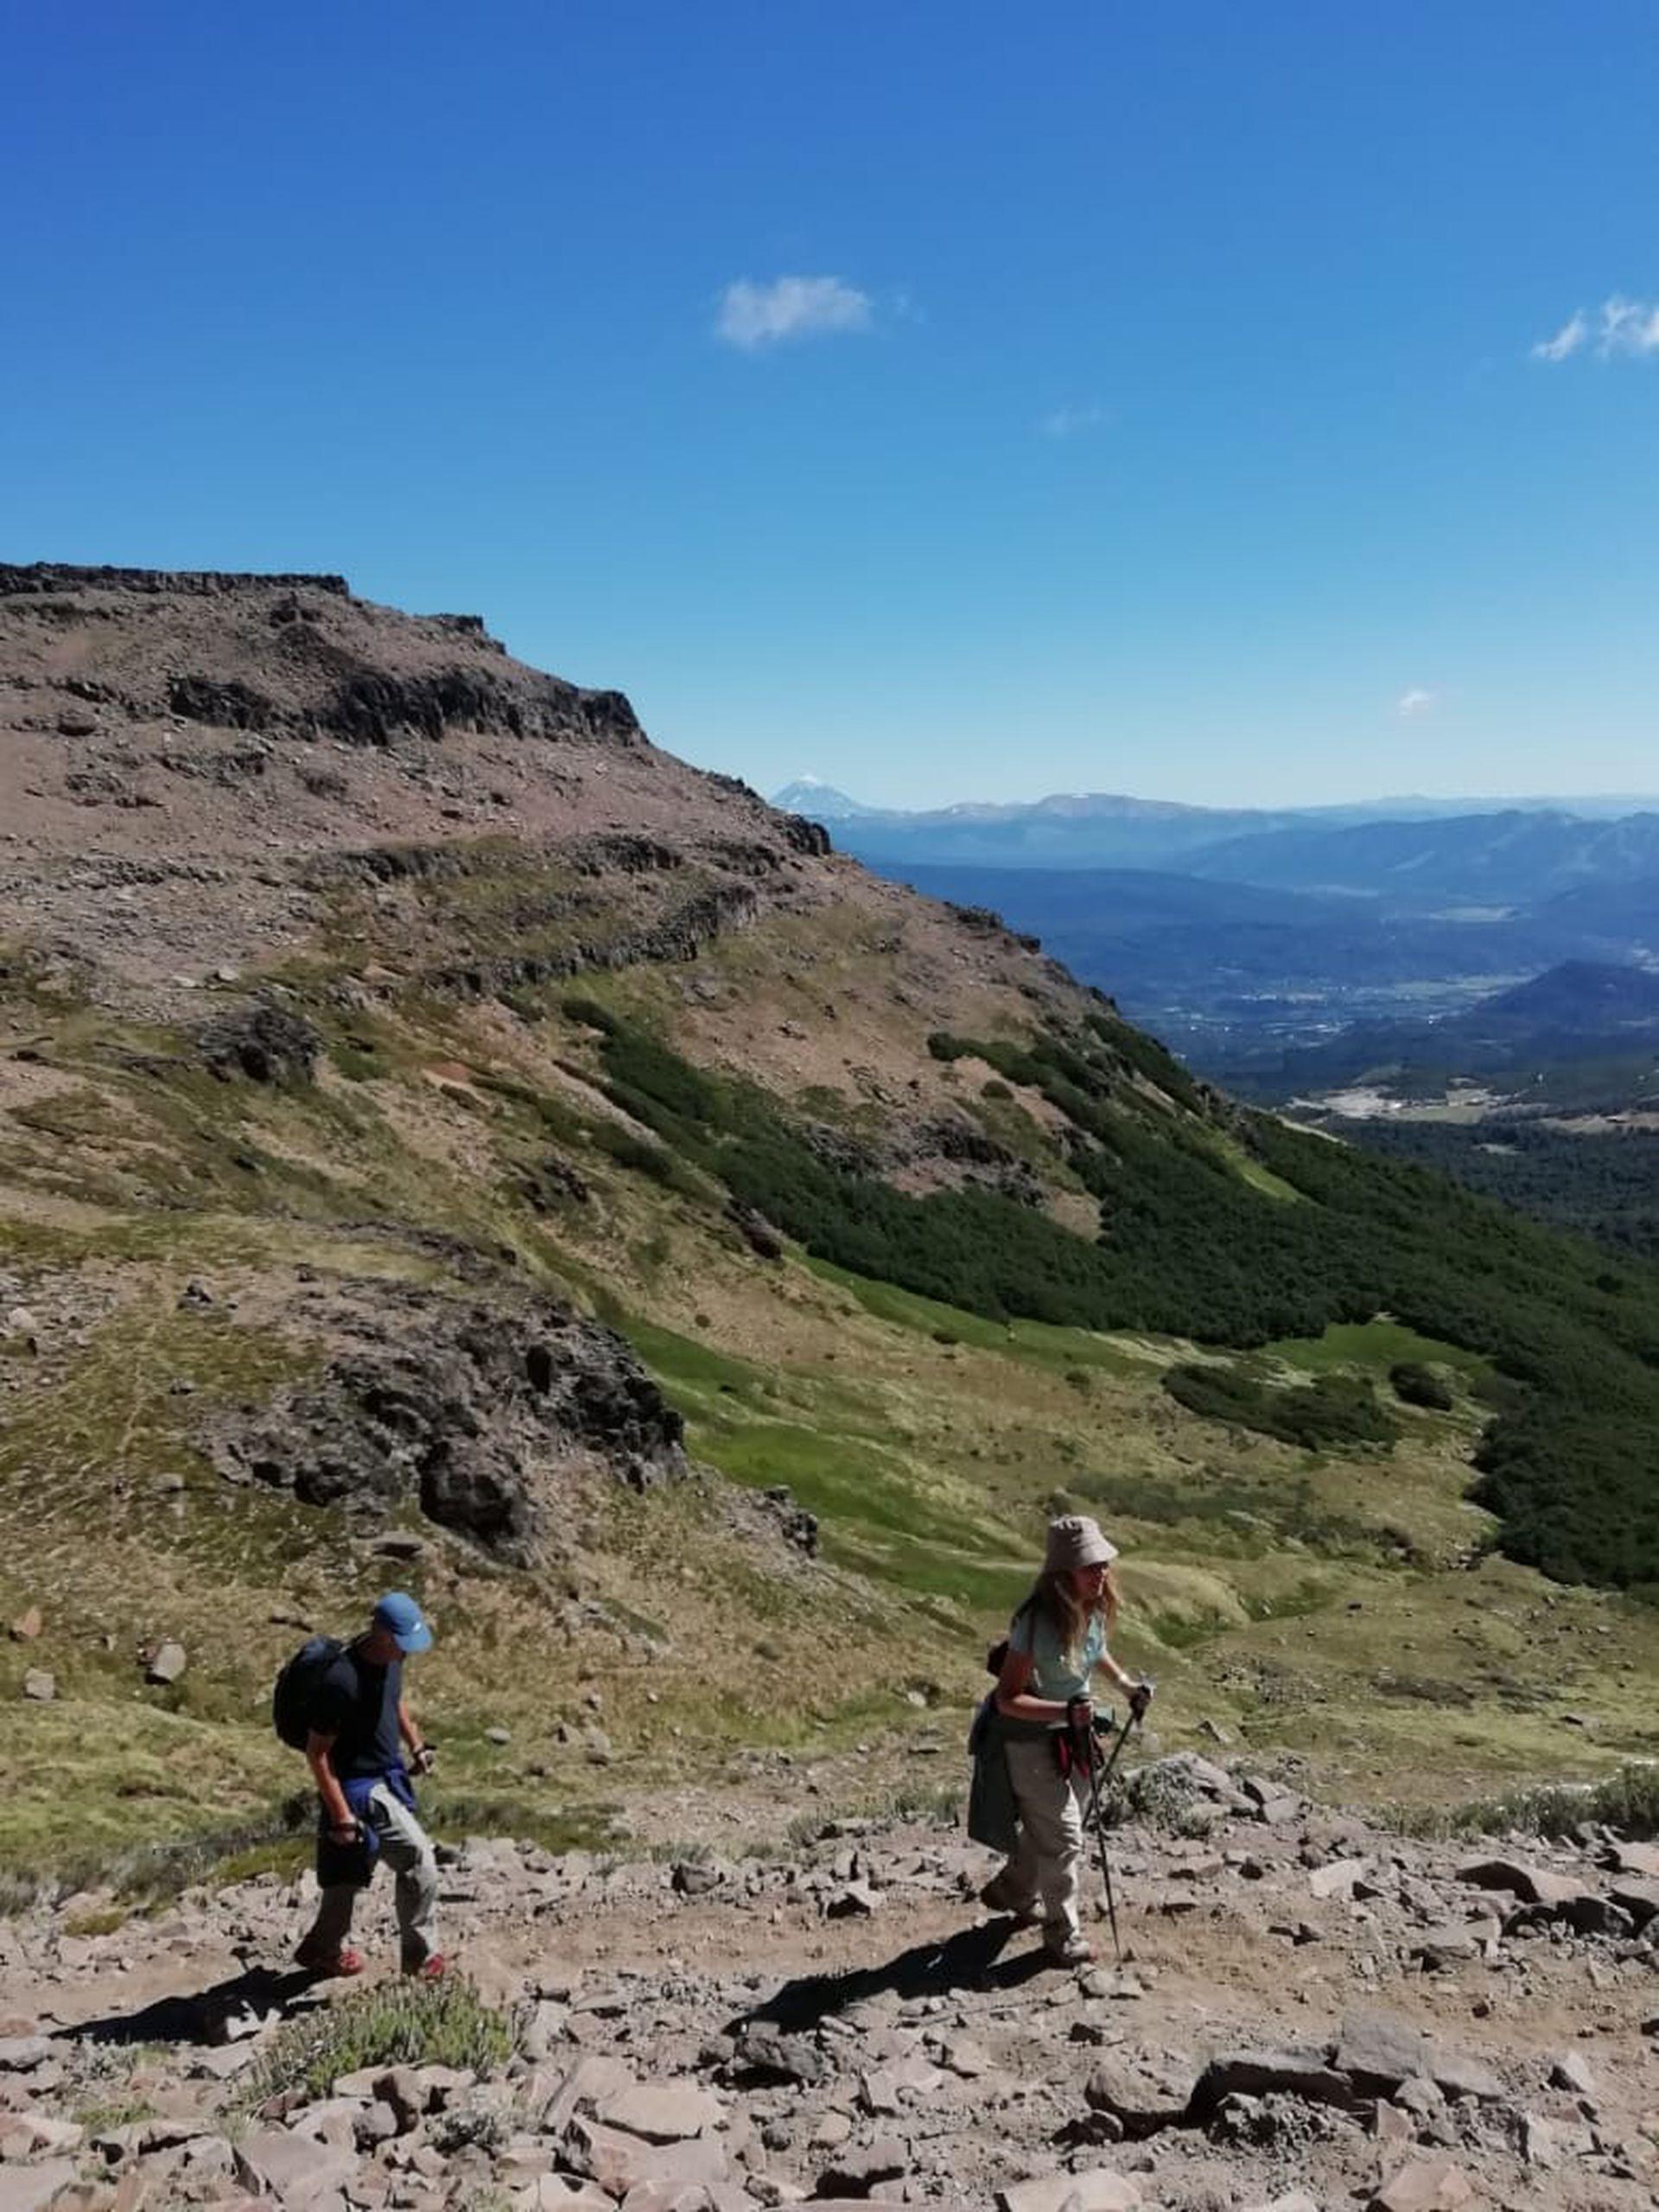 Ascenso al cerro C4 en San Martín de los Andes